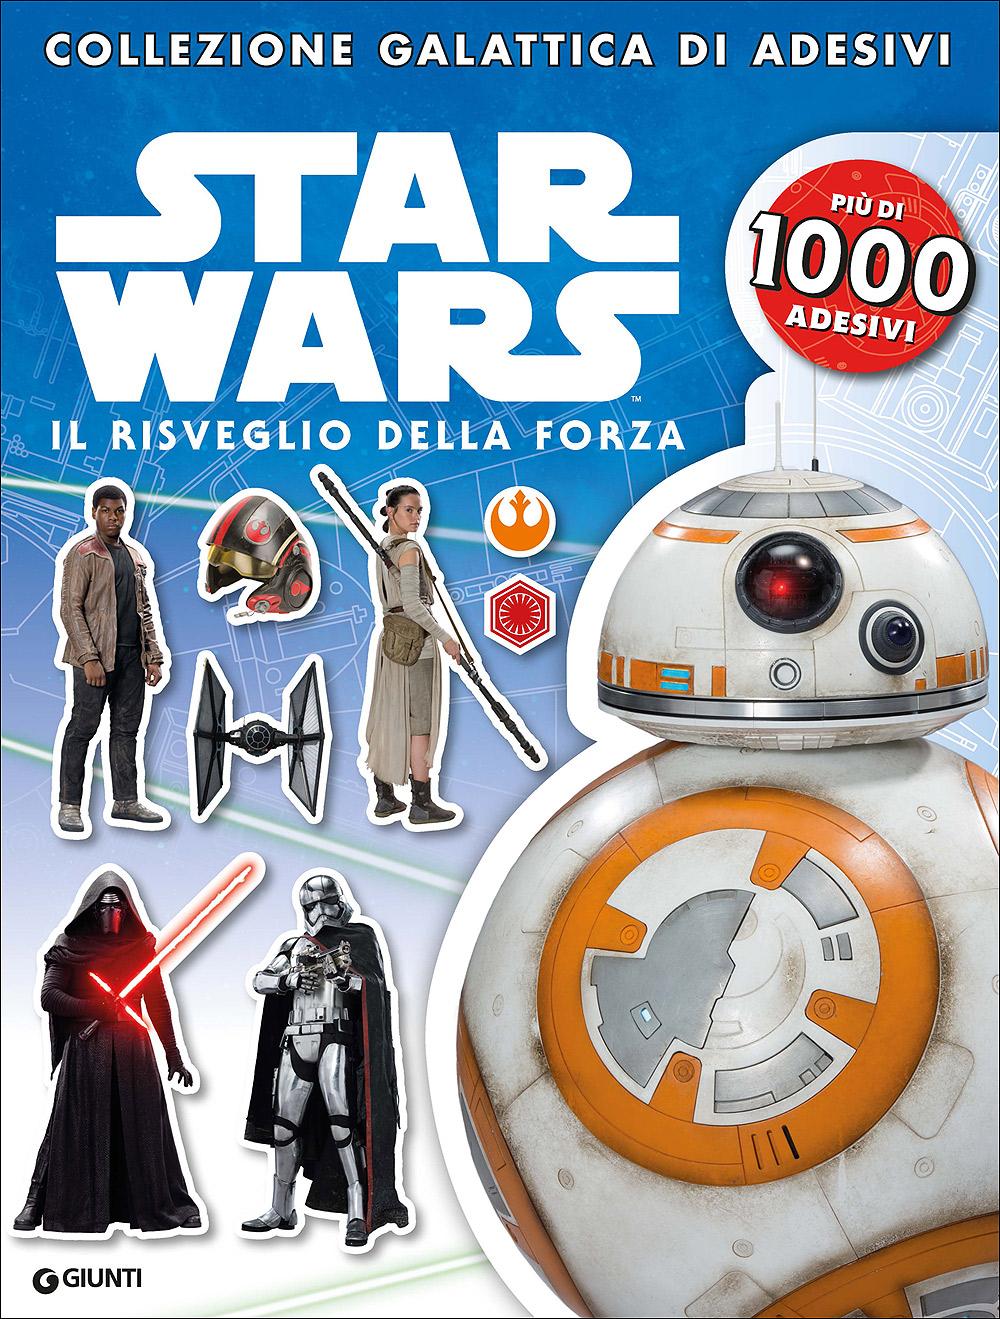 Collezione di Adesivi - Star Wars. Il Risveglio della Forza